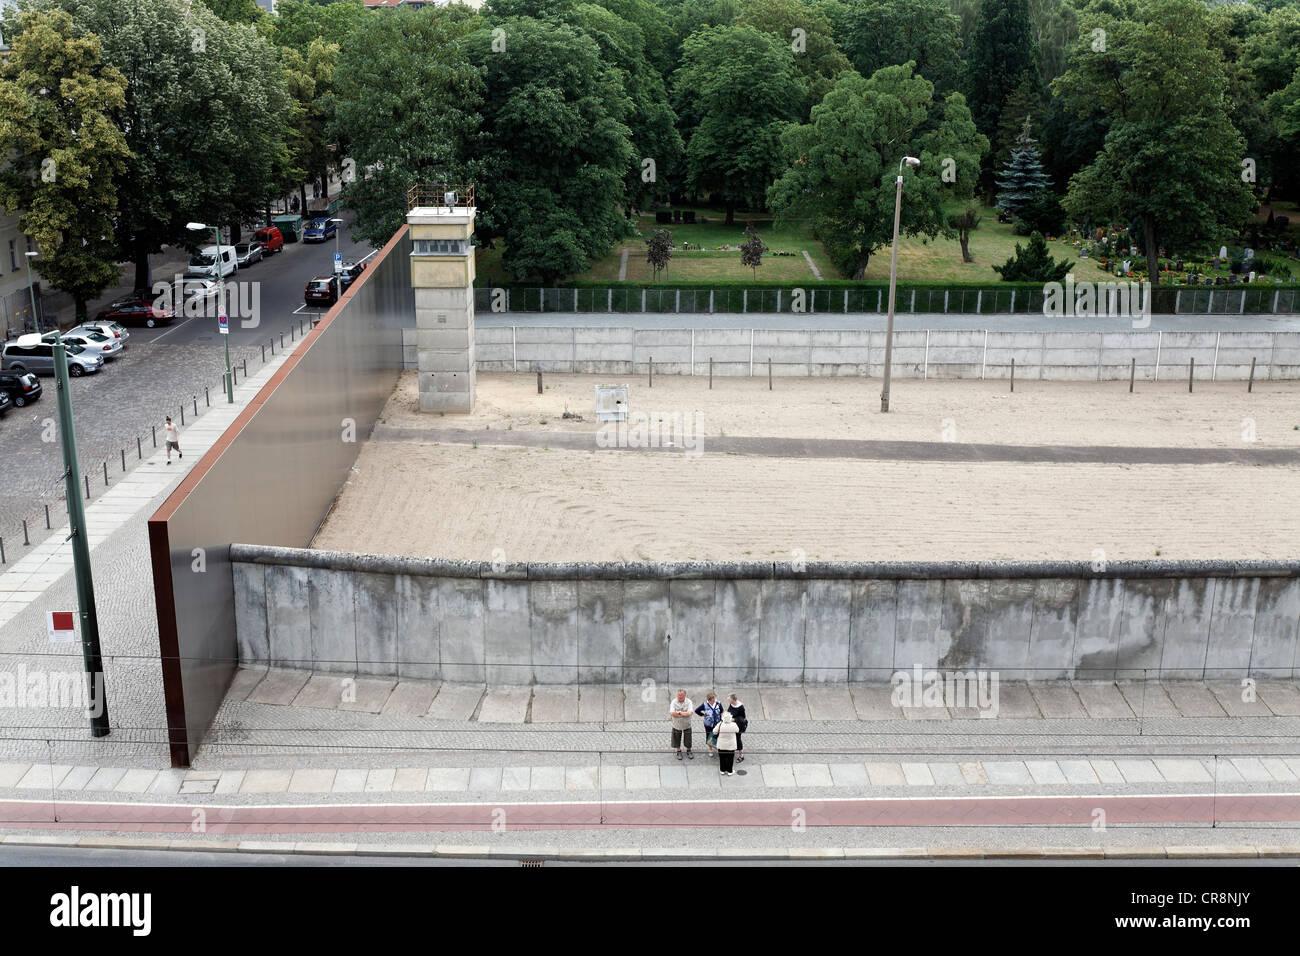 Quartal Todesstreifen Mit Ehemaligen Wachturm Gedenkstatte Berliner Mauer Bernauer Strasse Mitte Berlin Deutschland Europa Stockfotografie Alamy